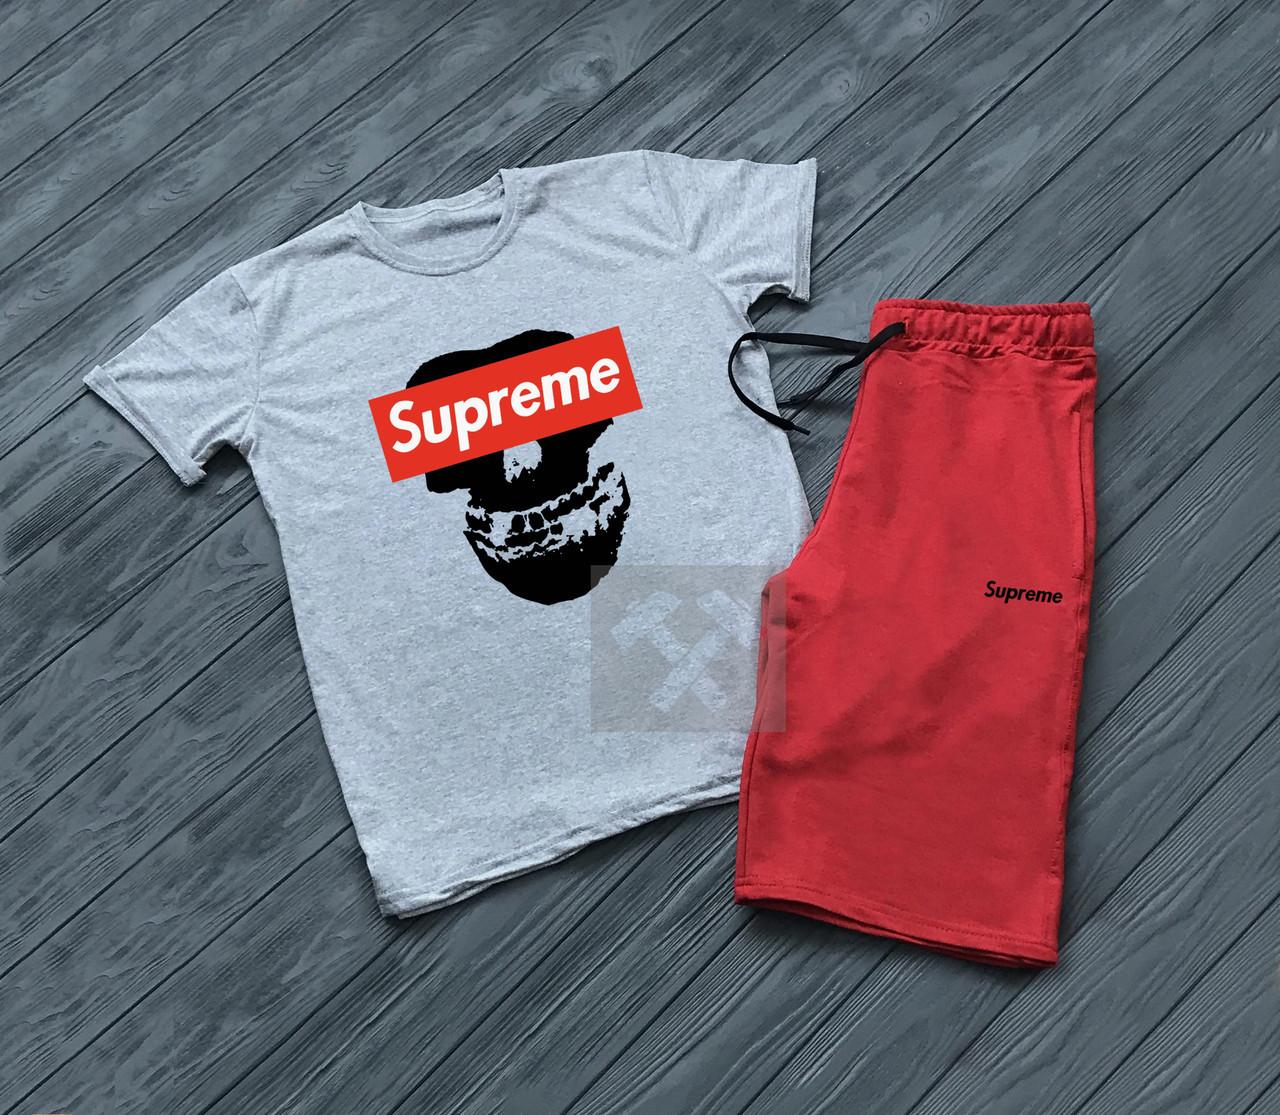 Мужской комплект футболка + шорты SUPREME красного и серого цвета